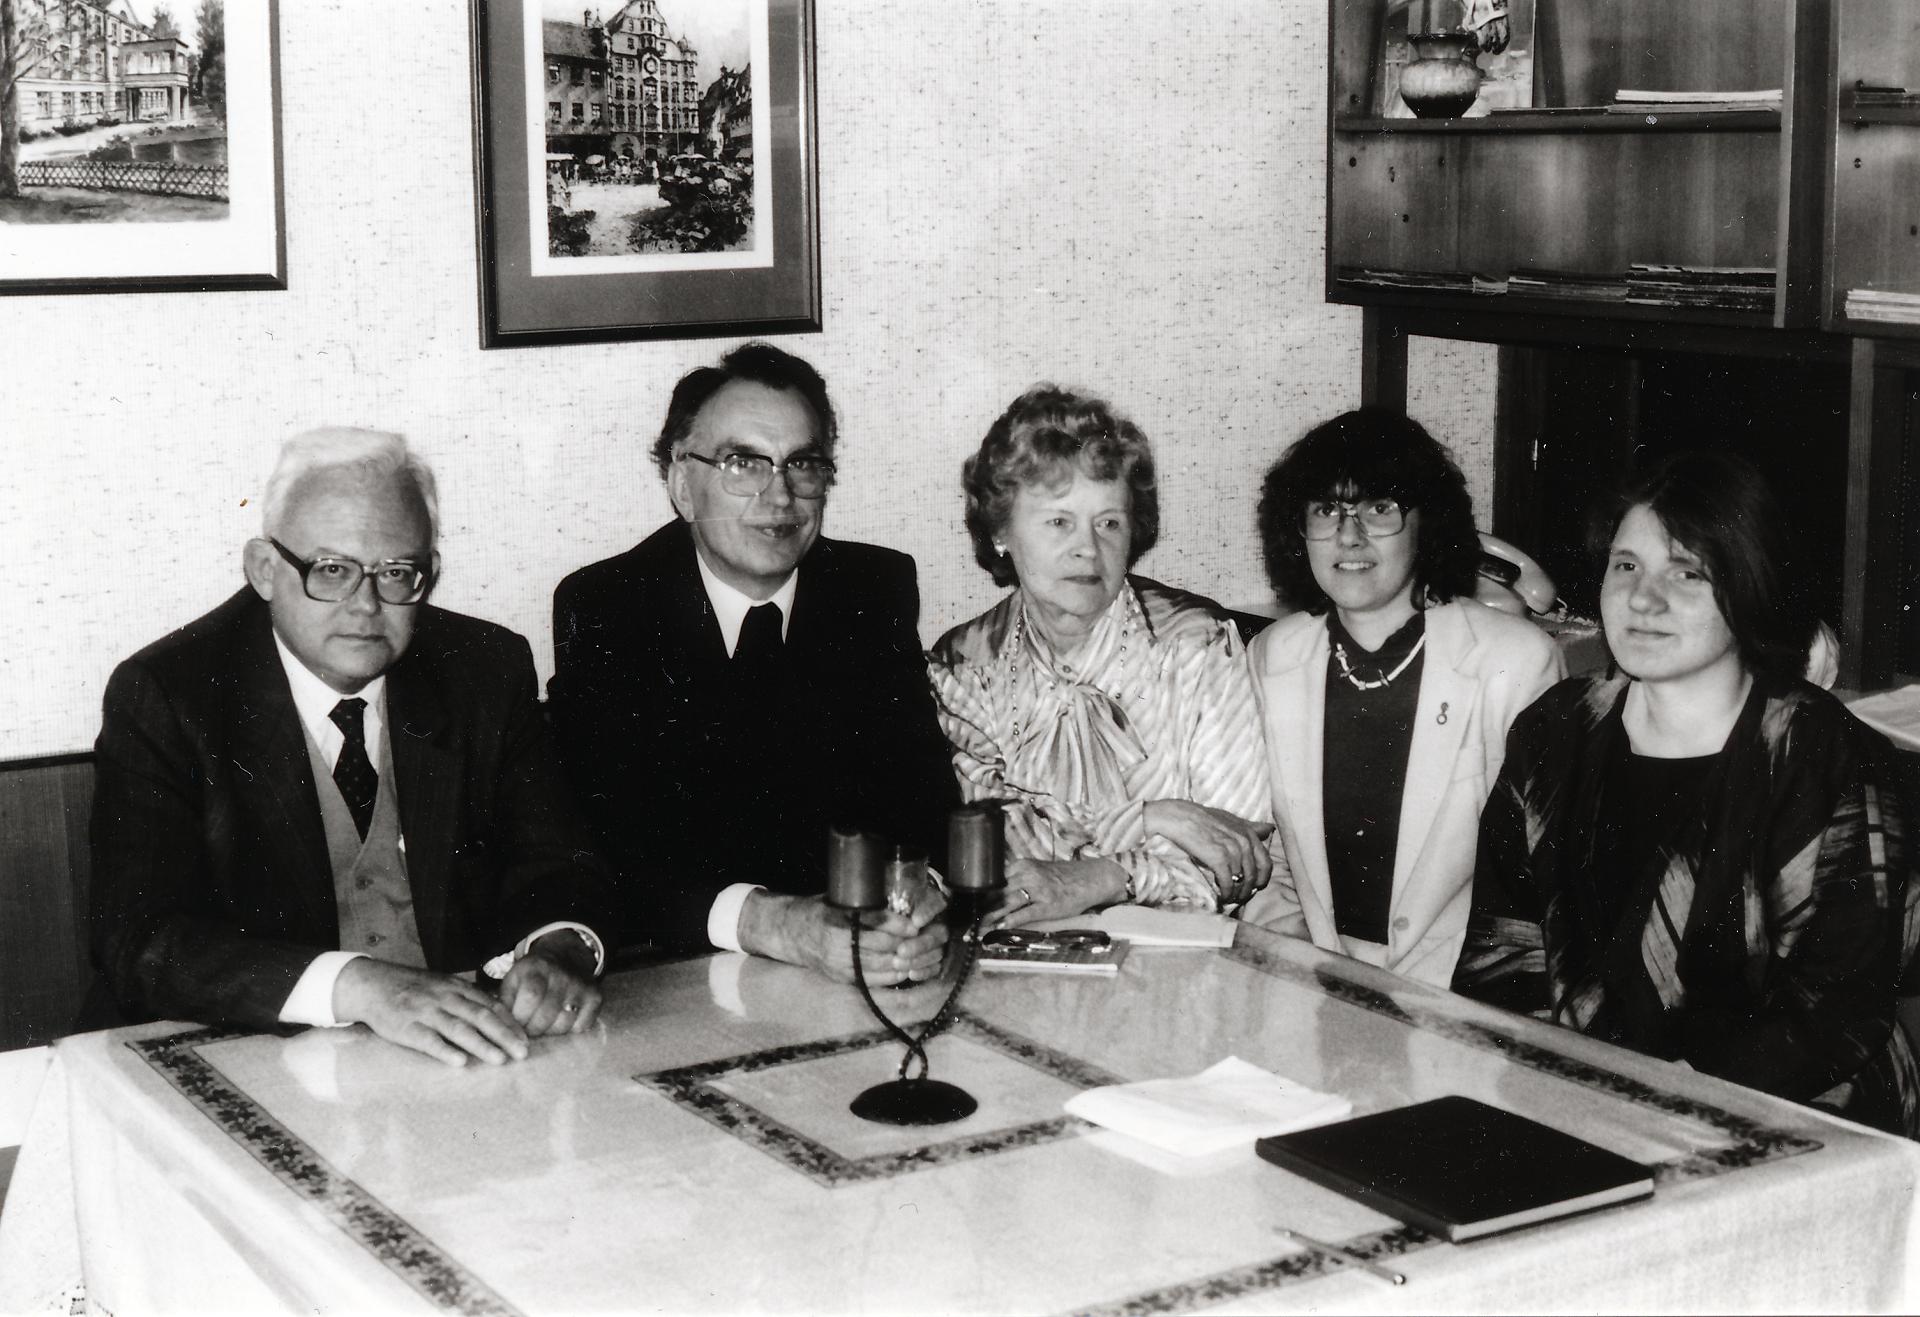 Vokietijos ateitininkų valdyba 1985 m. Iš kairės: dr. Jonas Norkaitis, prelatas Antanas Bunga, Paulina Ivinskienė, Marytė Dambriūnaitiė-Šmitienė ir Marytė Balaišytė